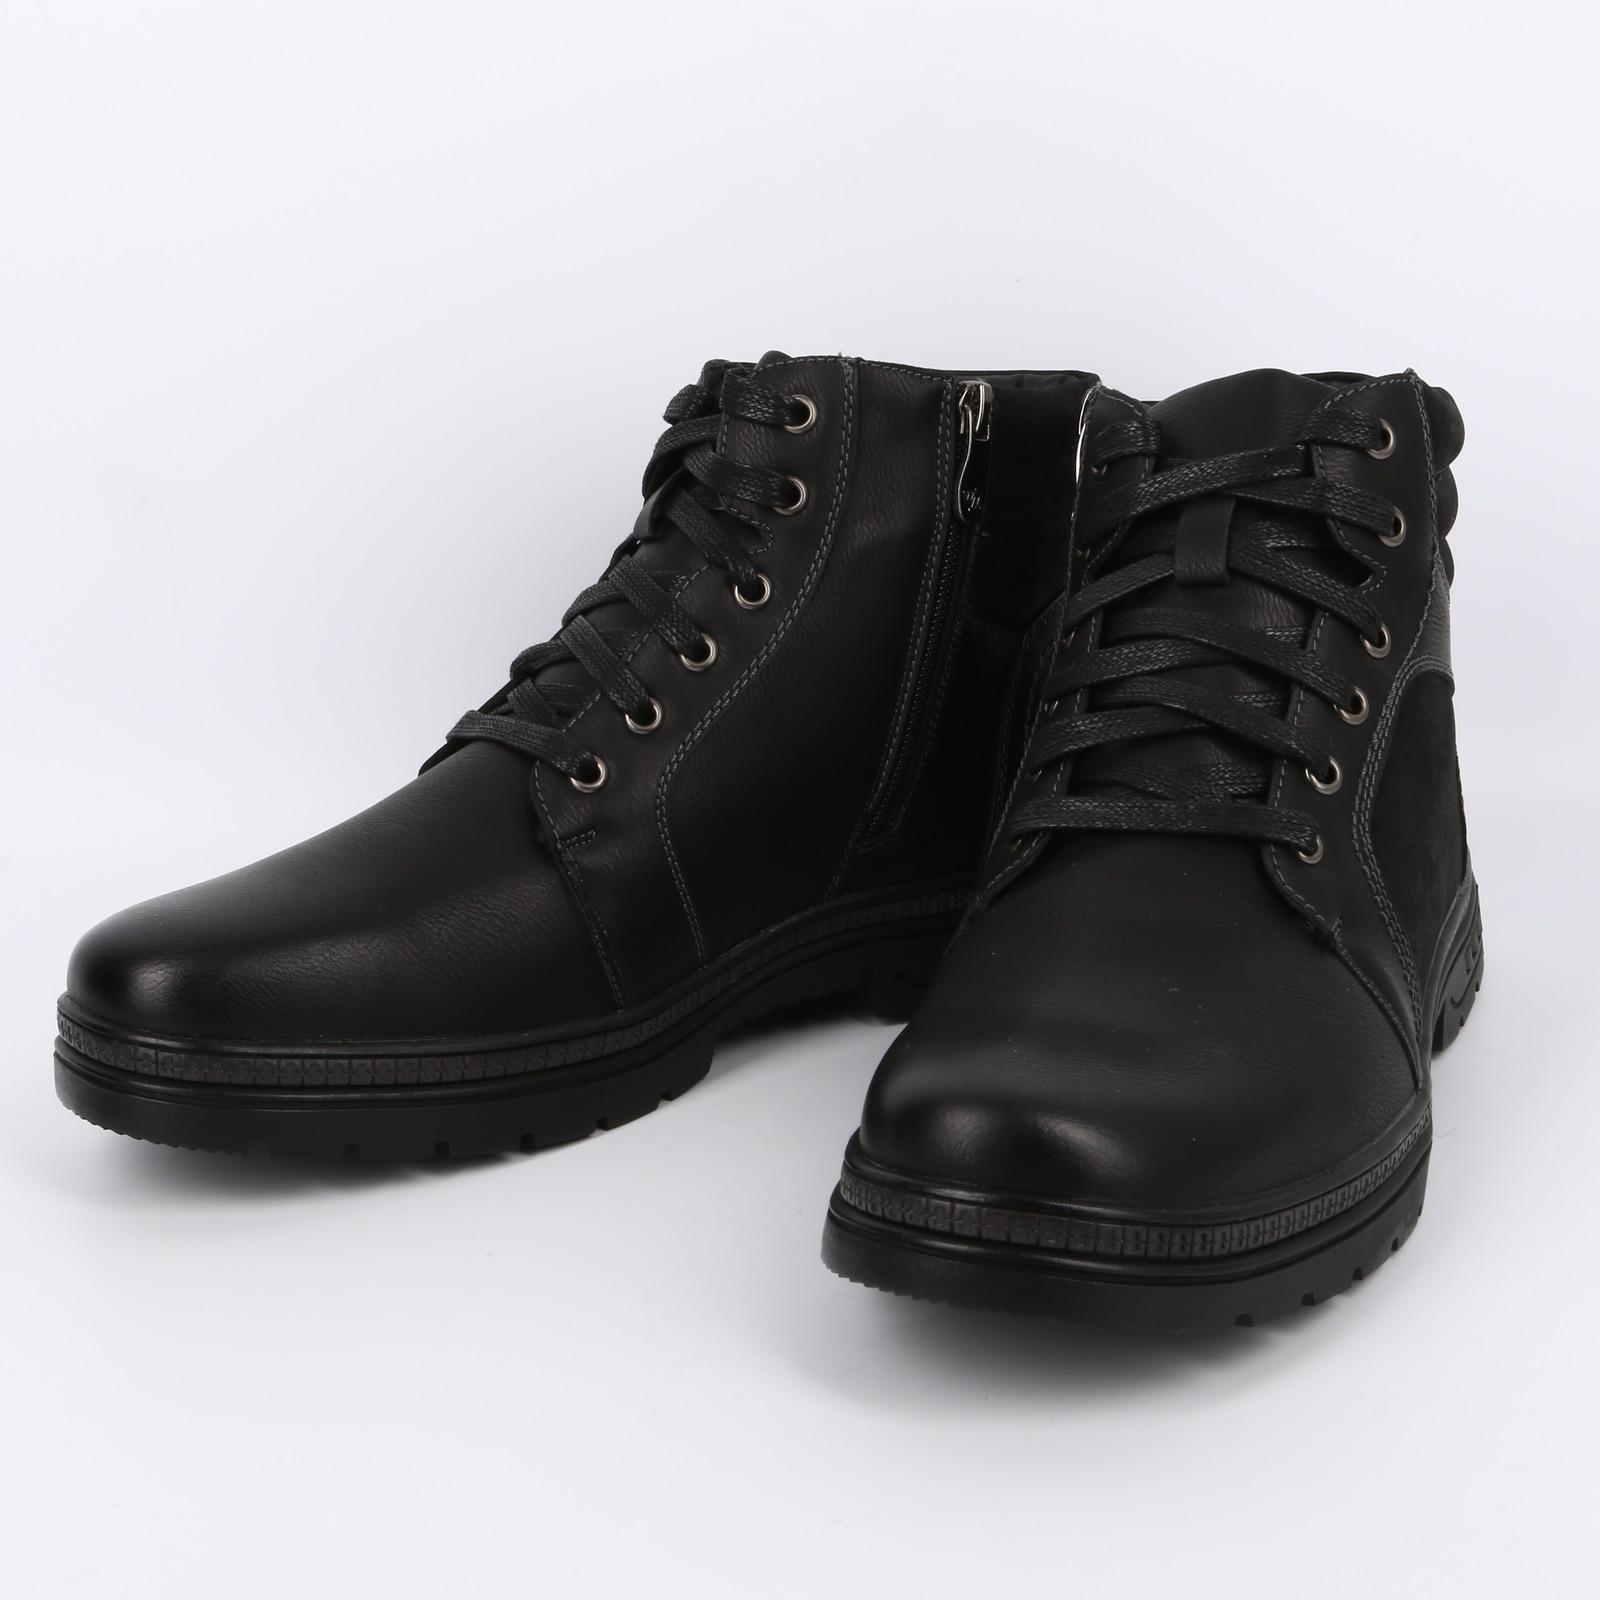 Ботинки мужские высокие зимние